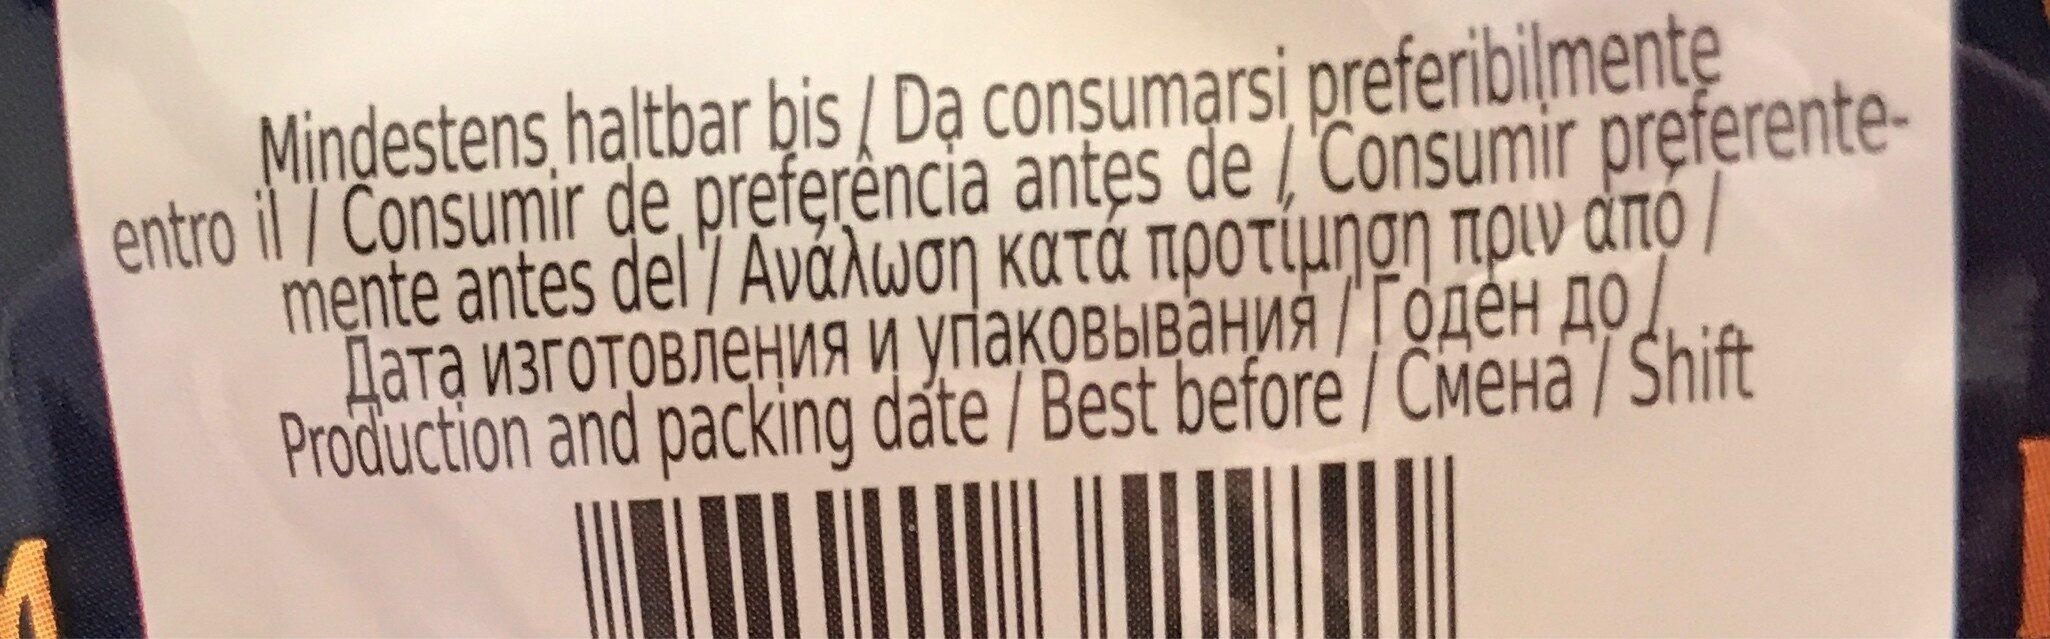 Viva - Ingredients